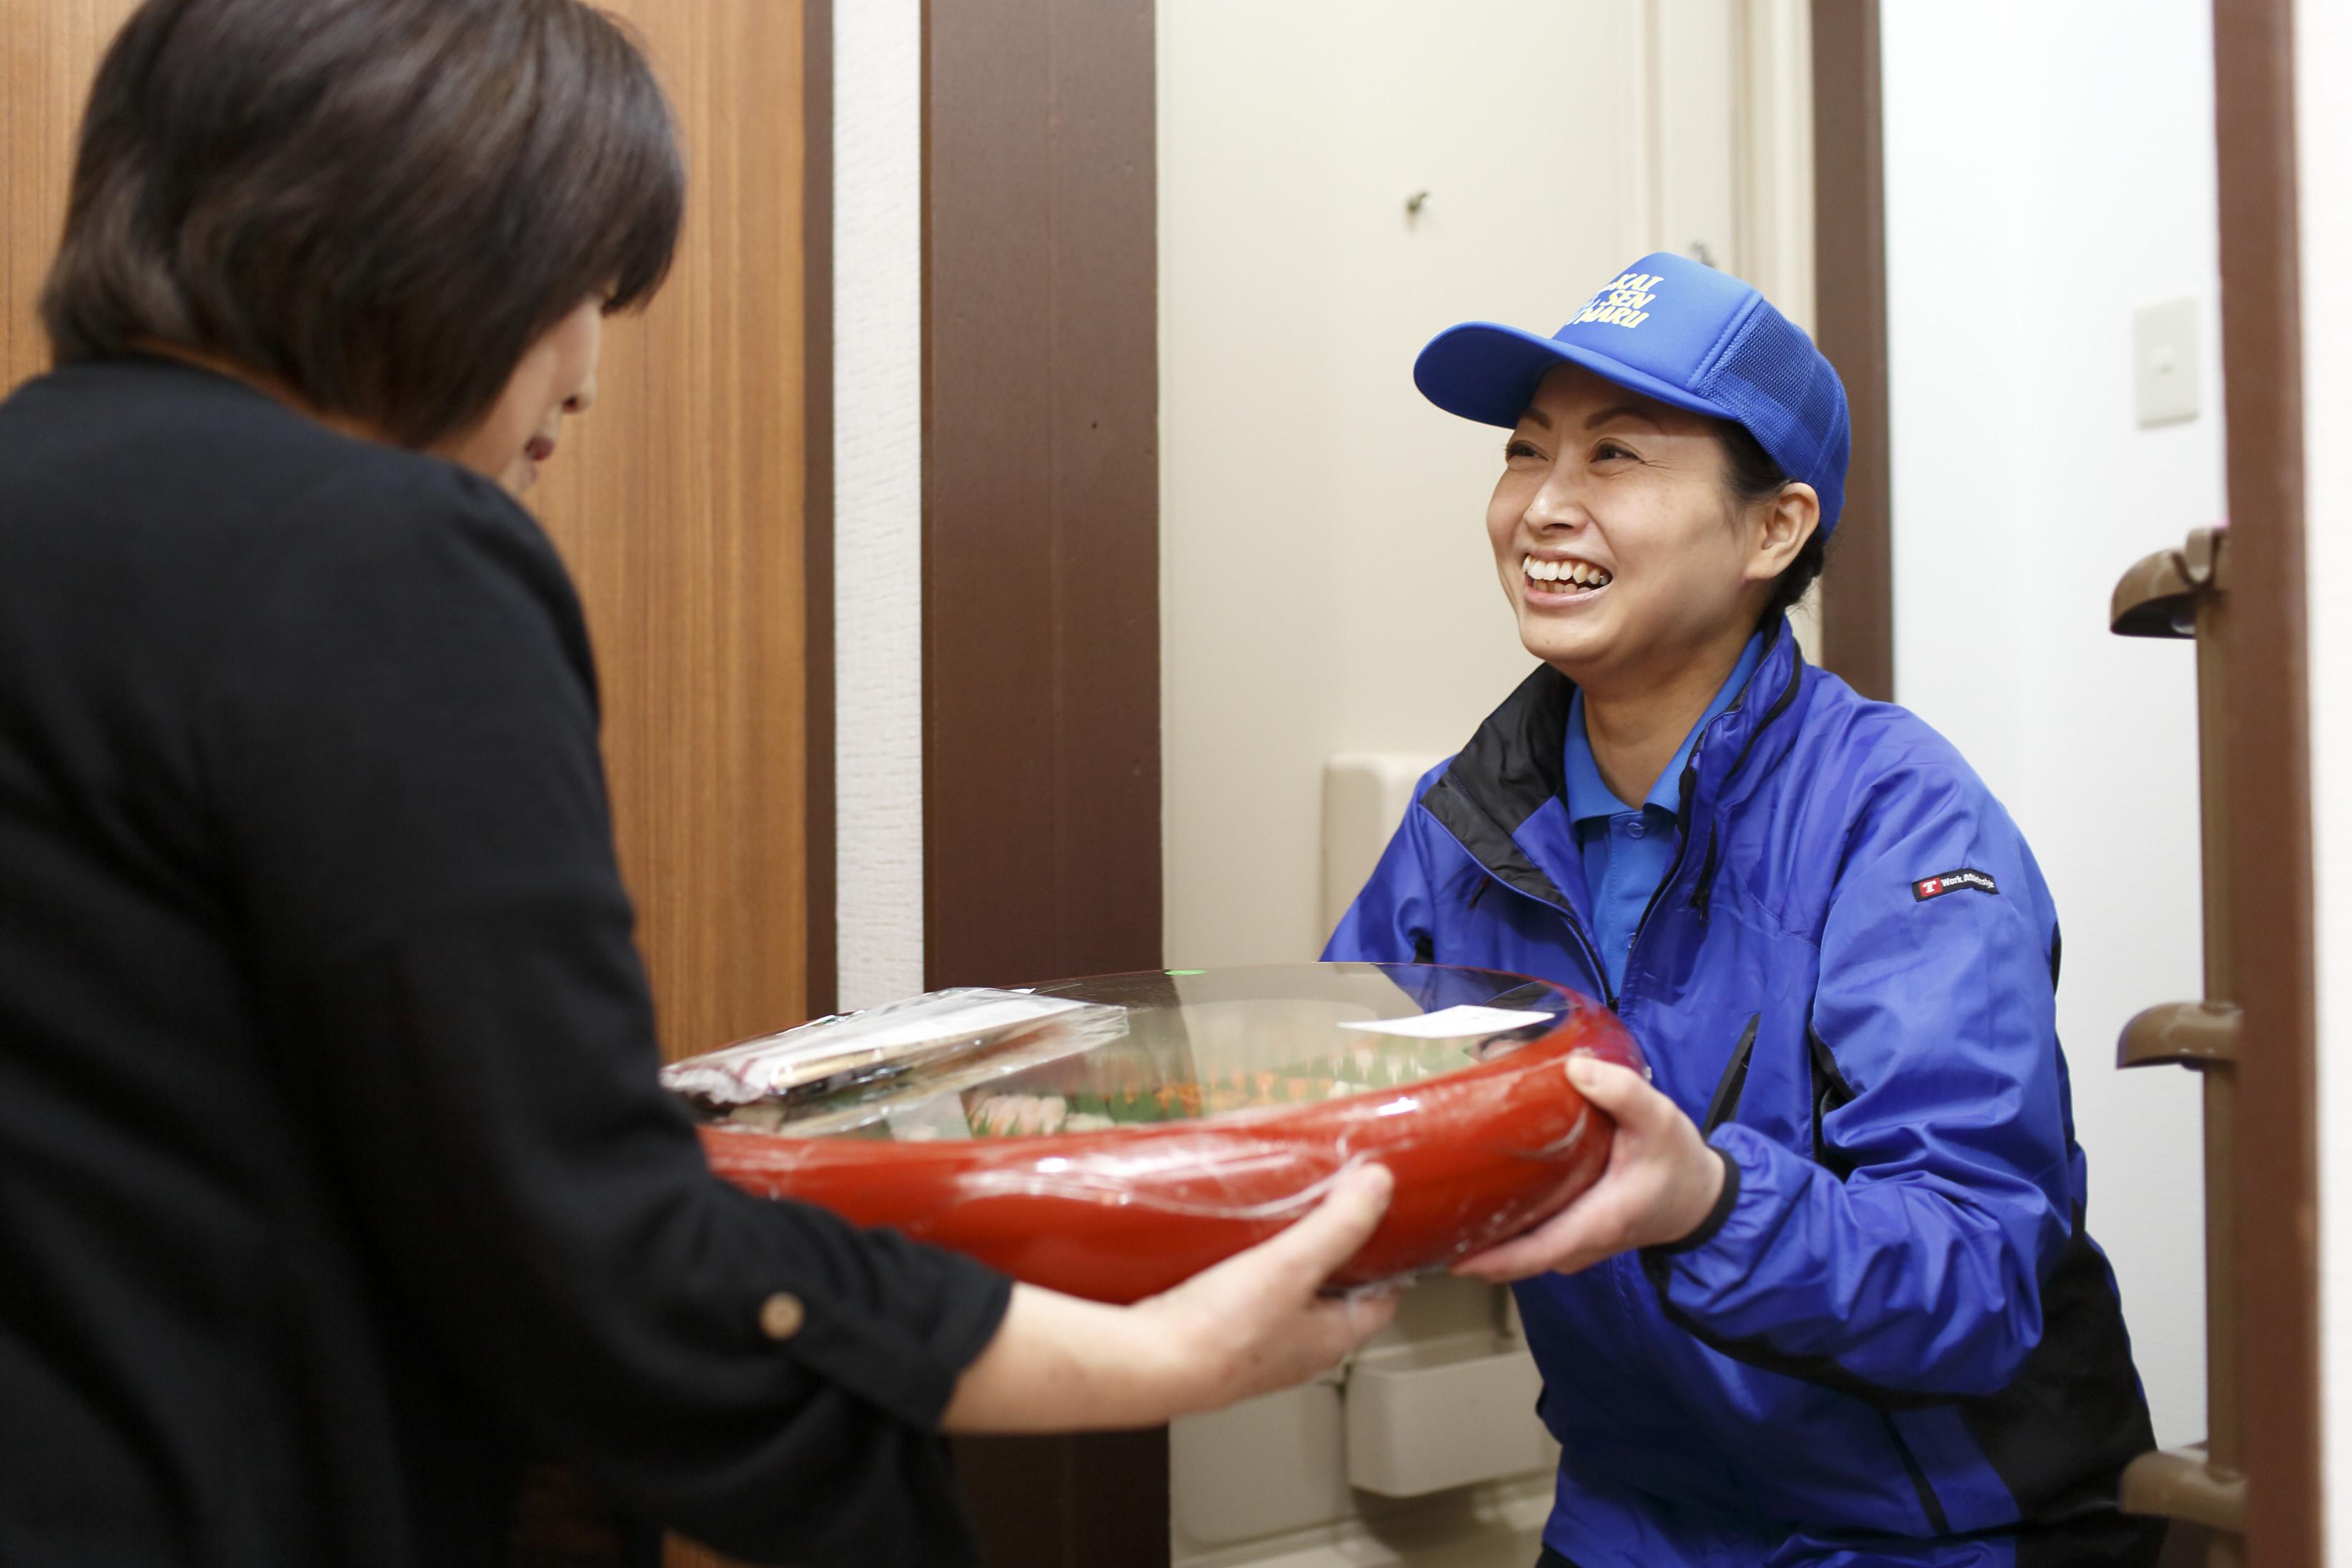 札幌海鮮丸 北広島店 デリバリー(配達)スタッフのアルバイト情報